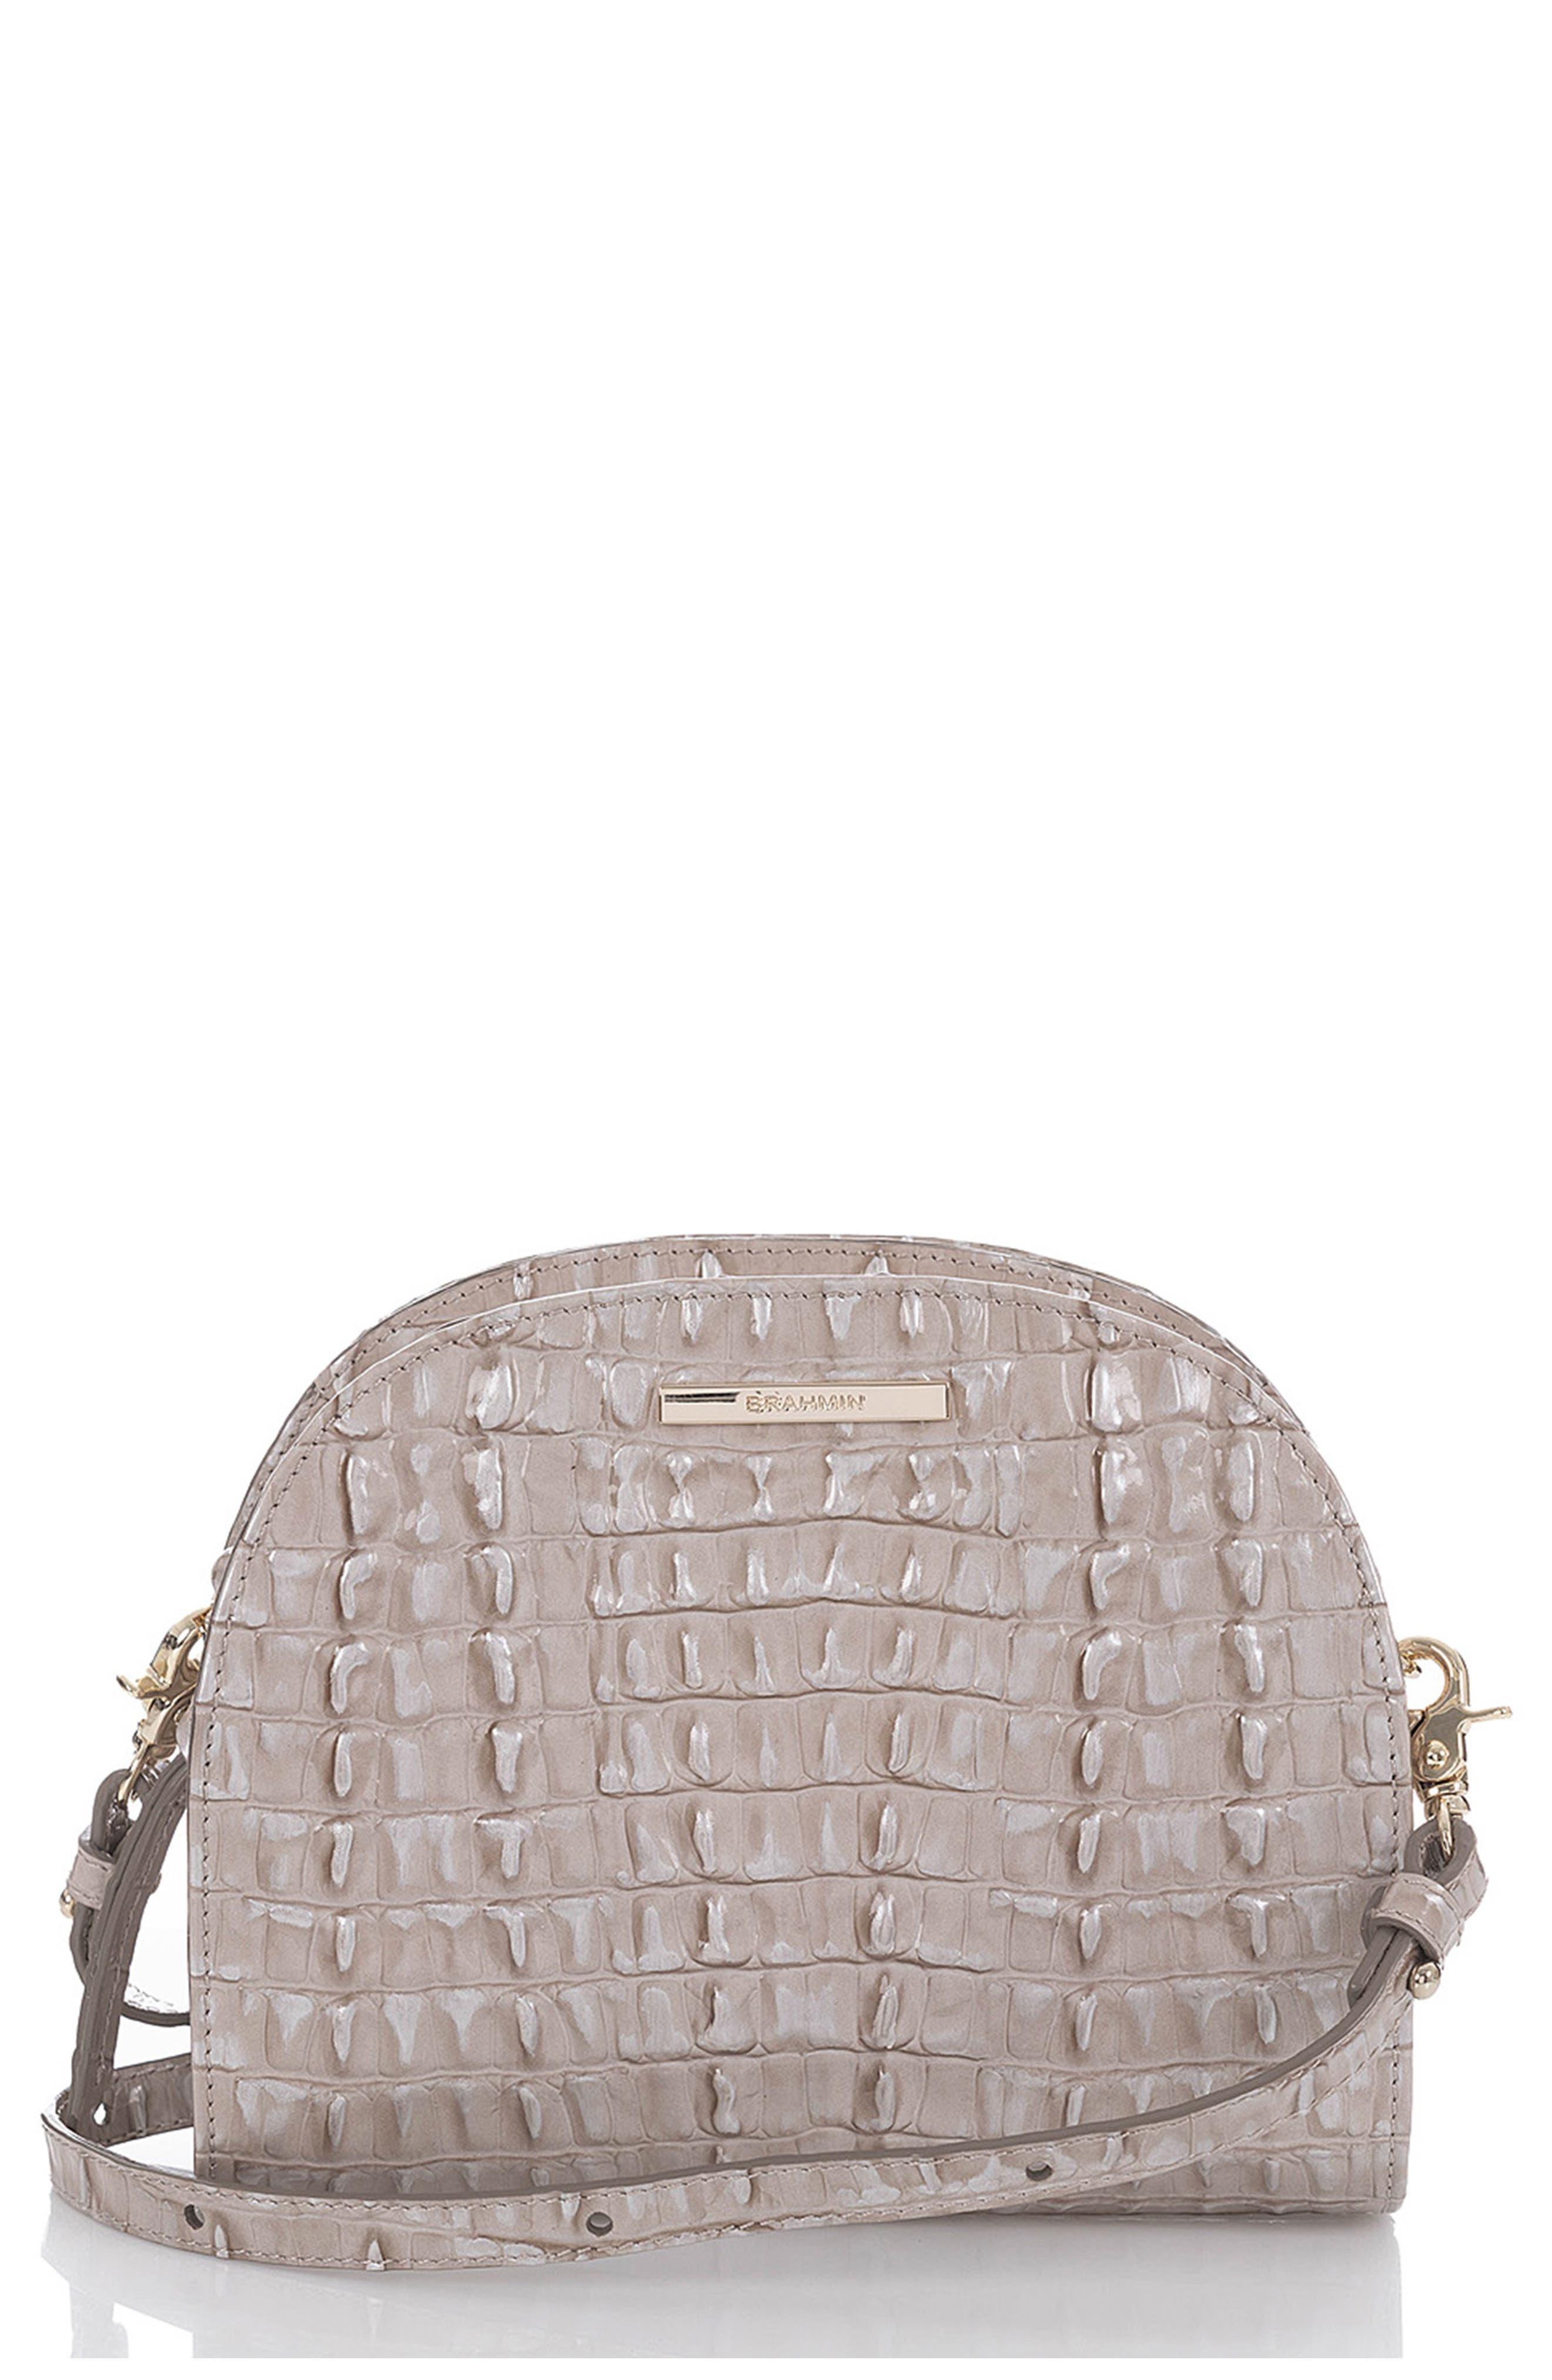 BRAHMIN, Leah Croc Embossed Leather Crossbody Bag, Main thumbnail 1, color, 020